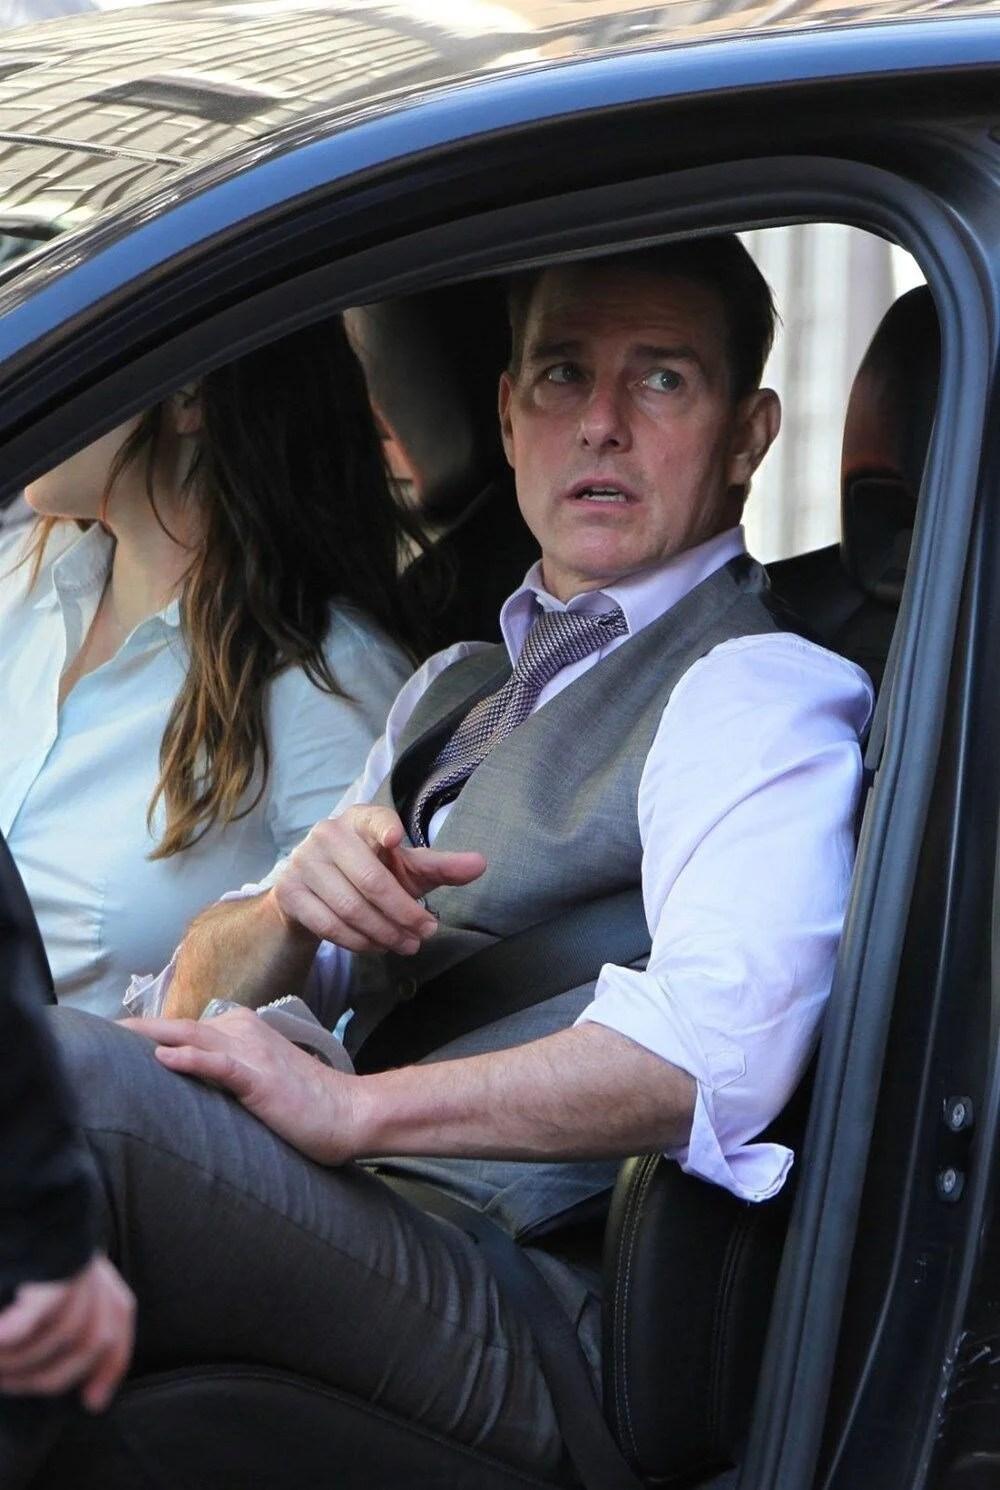 Tom Cruise Görevimiz Tehlike 7'nin çekimleri için Covid-19'a karşı güvenli stüdyo yaptırdı - 8